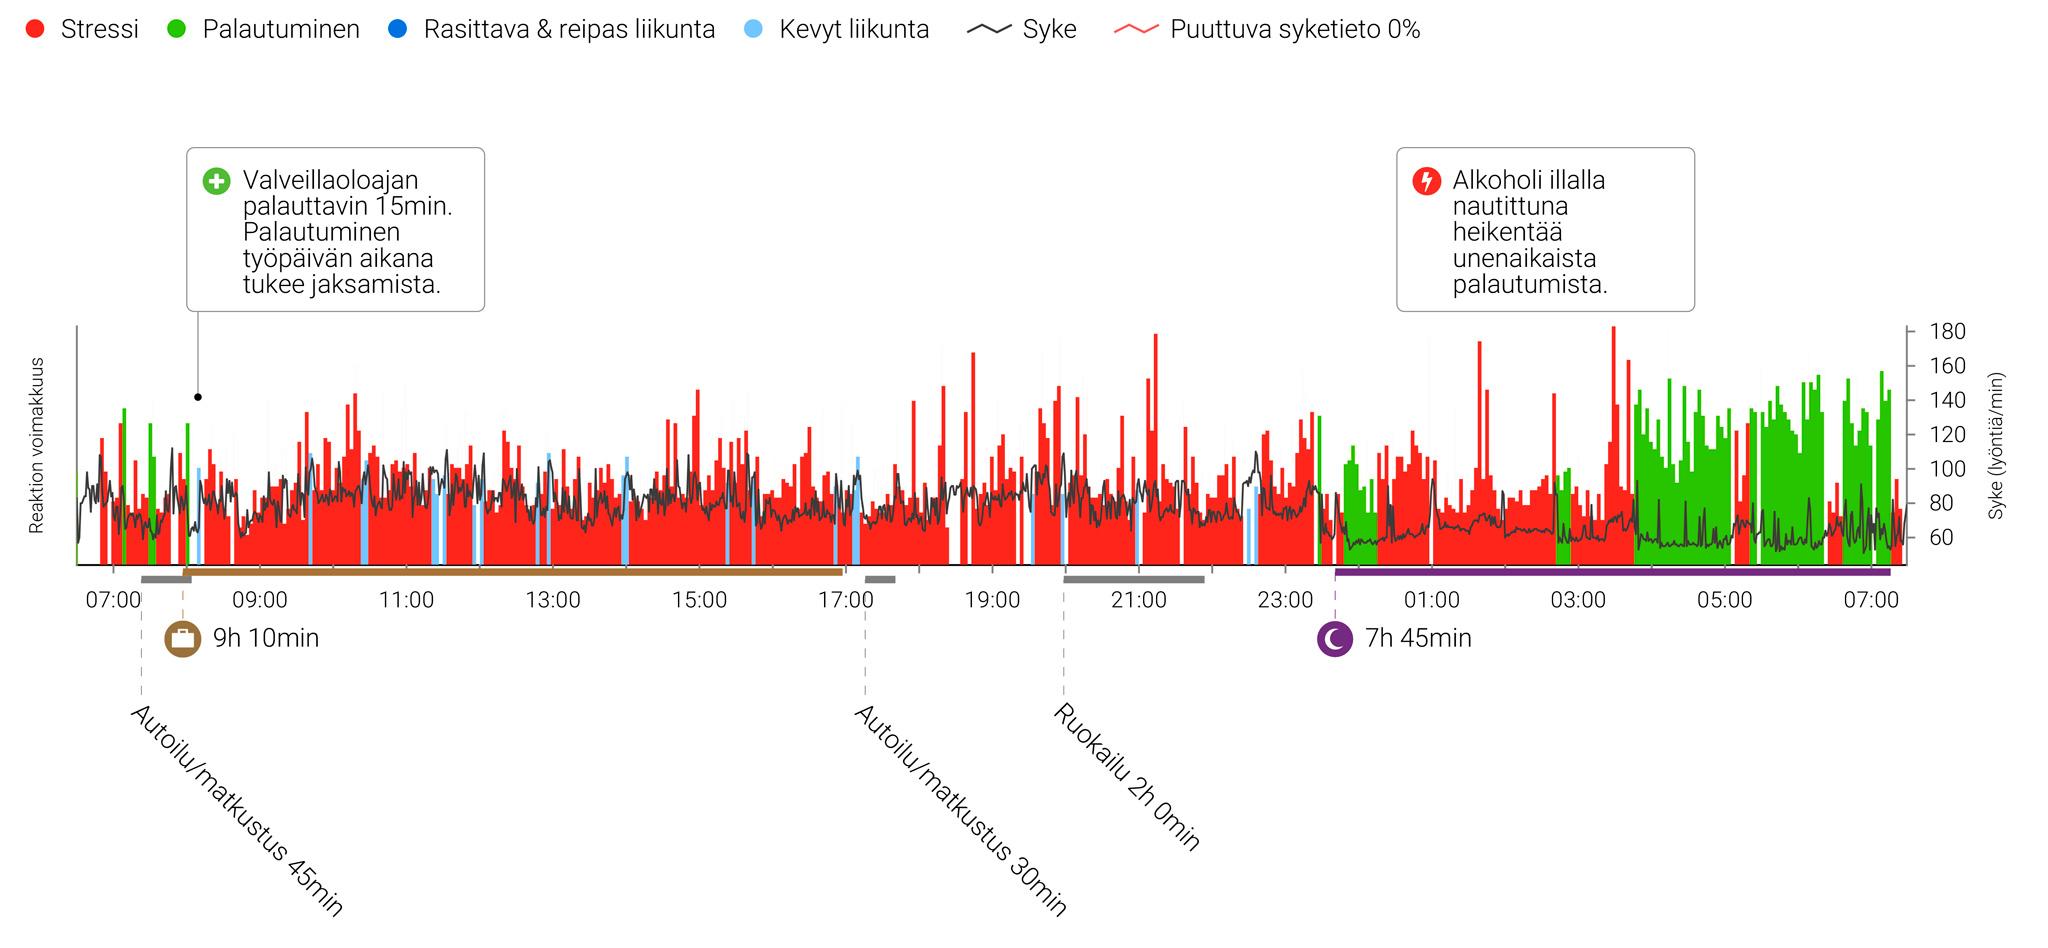 Raportilla punainen väri kuvaa stressiä ja vihreä palautumista  (klikkaa kuva isommaksi)